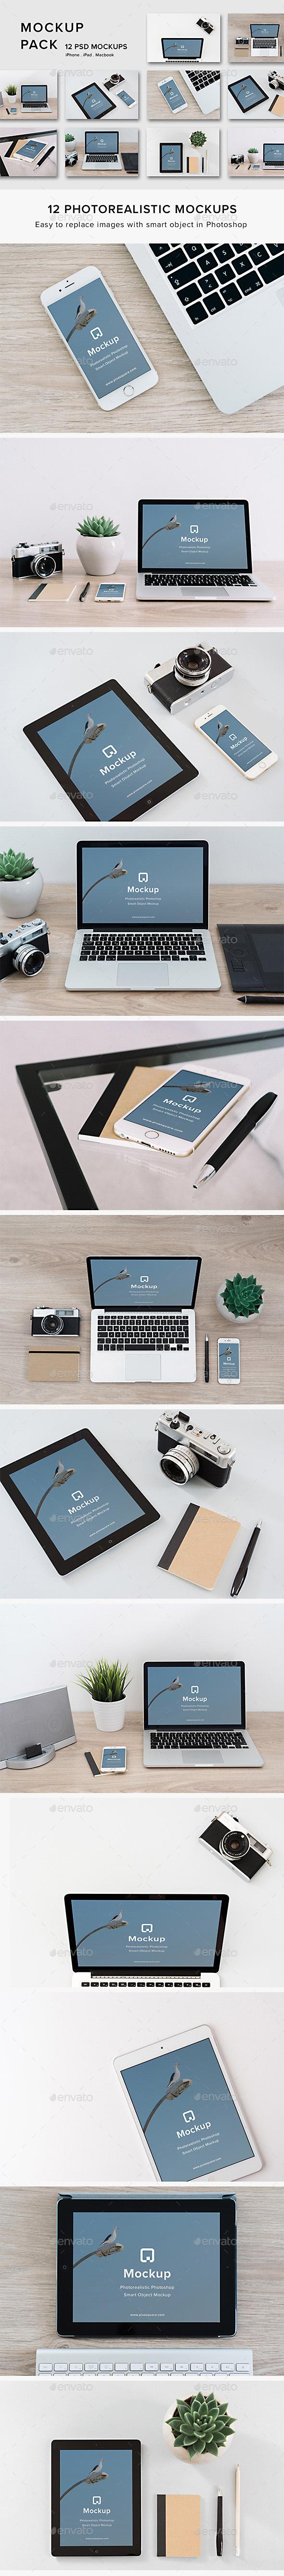 Mockup Pack 12 PSDs Photorealistic